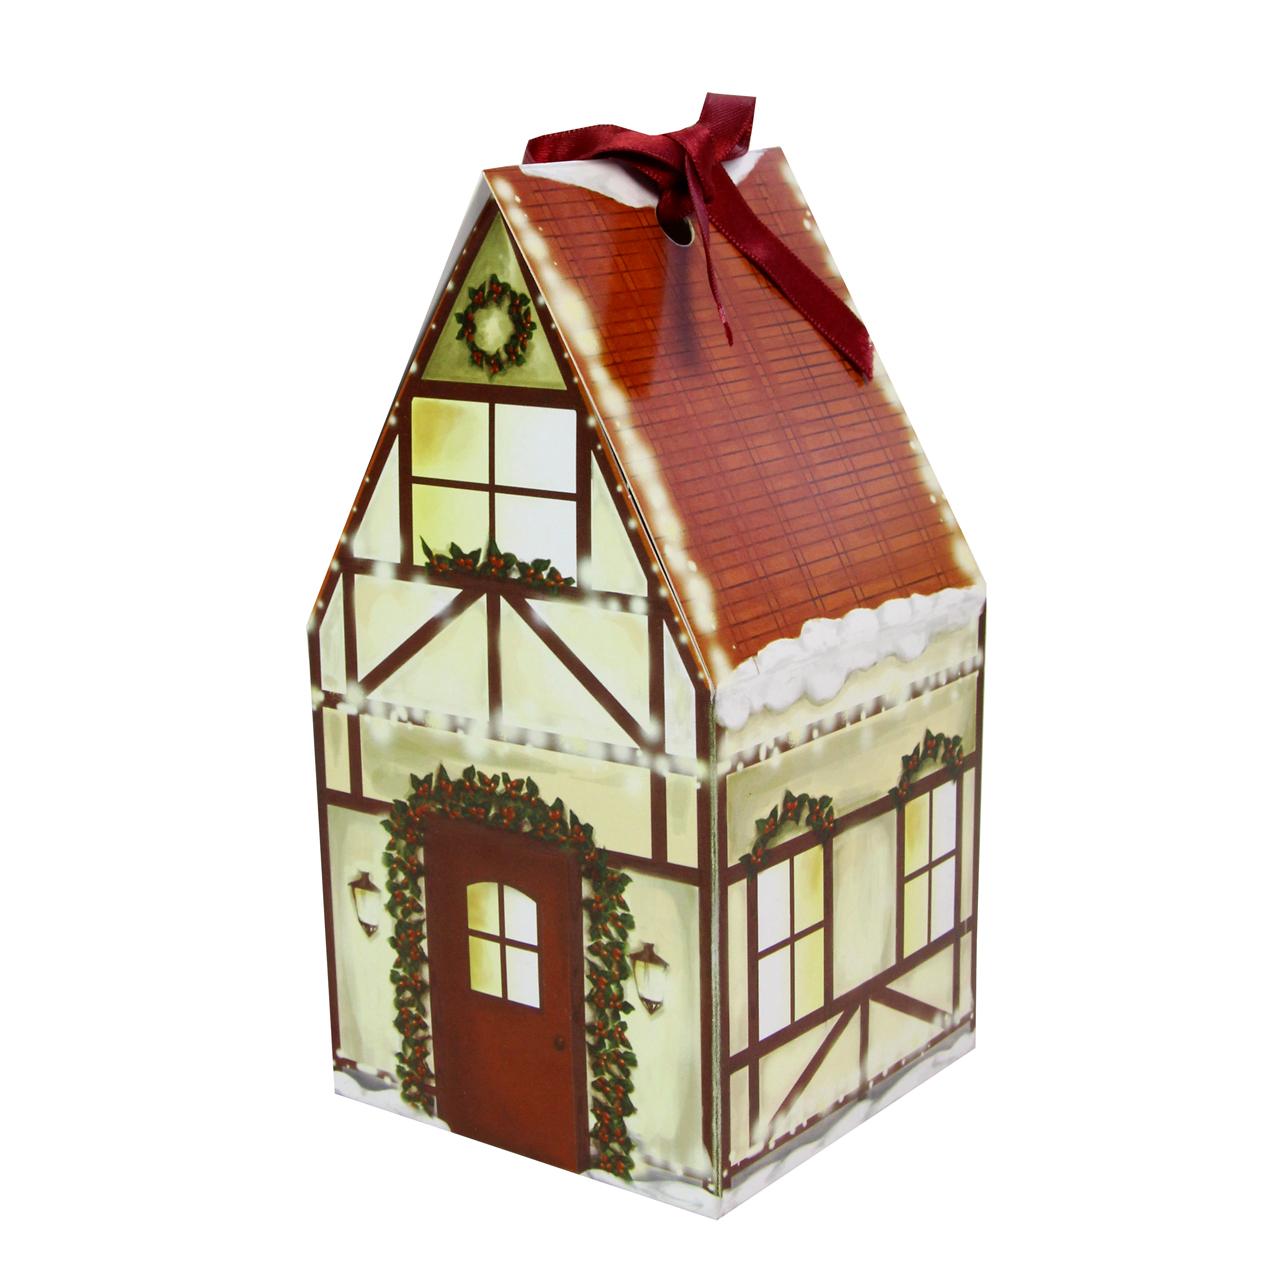 Cutie Pentru Cadou Casuta Din Carton